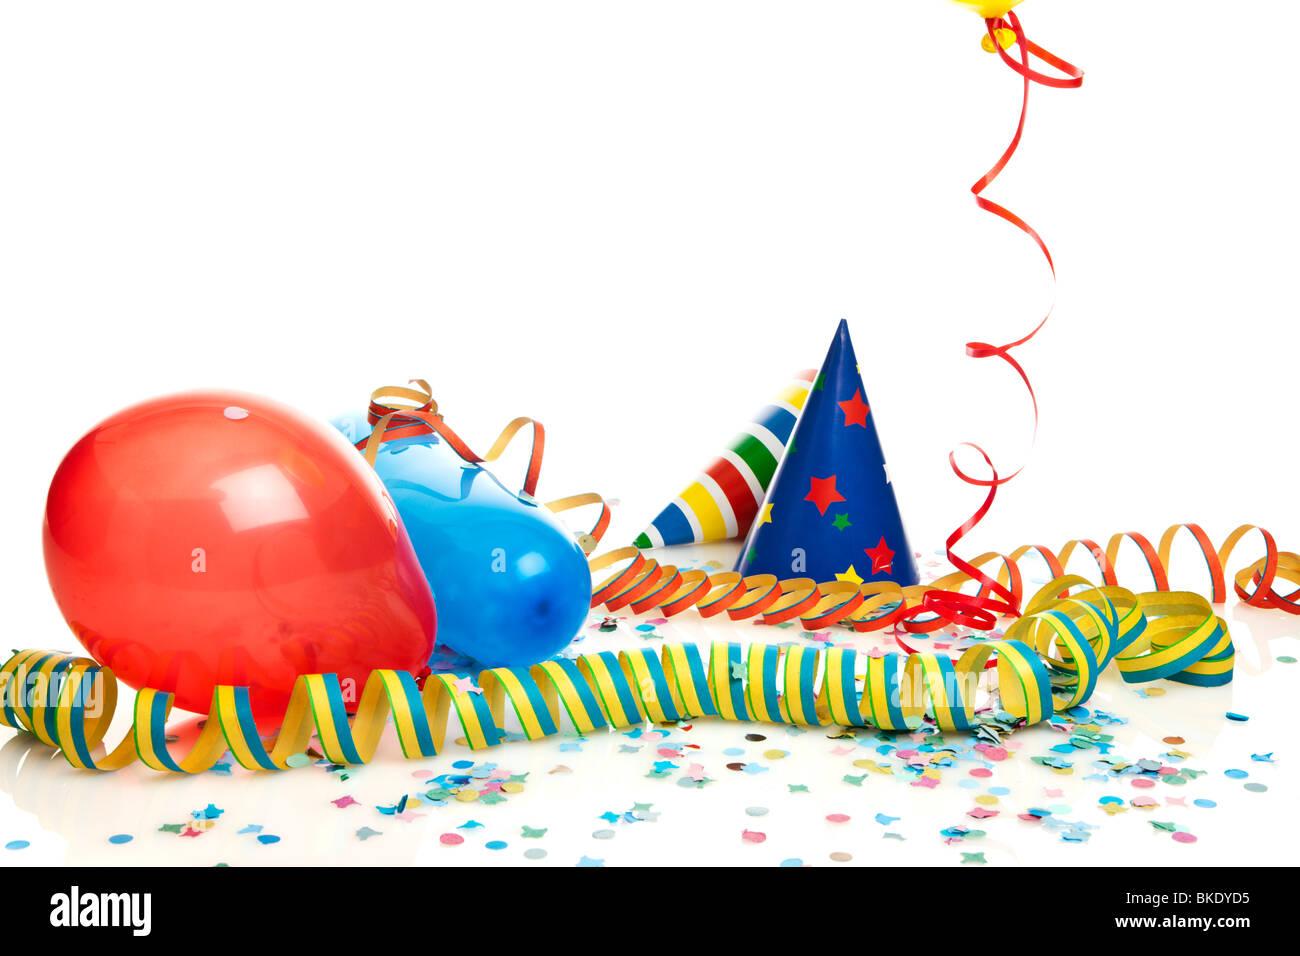 - Partie de la décoration de ballons, chapeaux de fête, banderoles, confetti Photo Stock